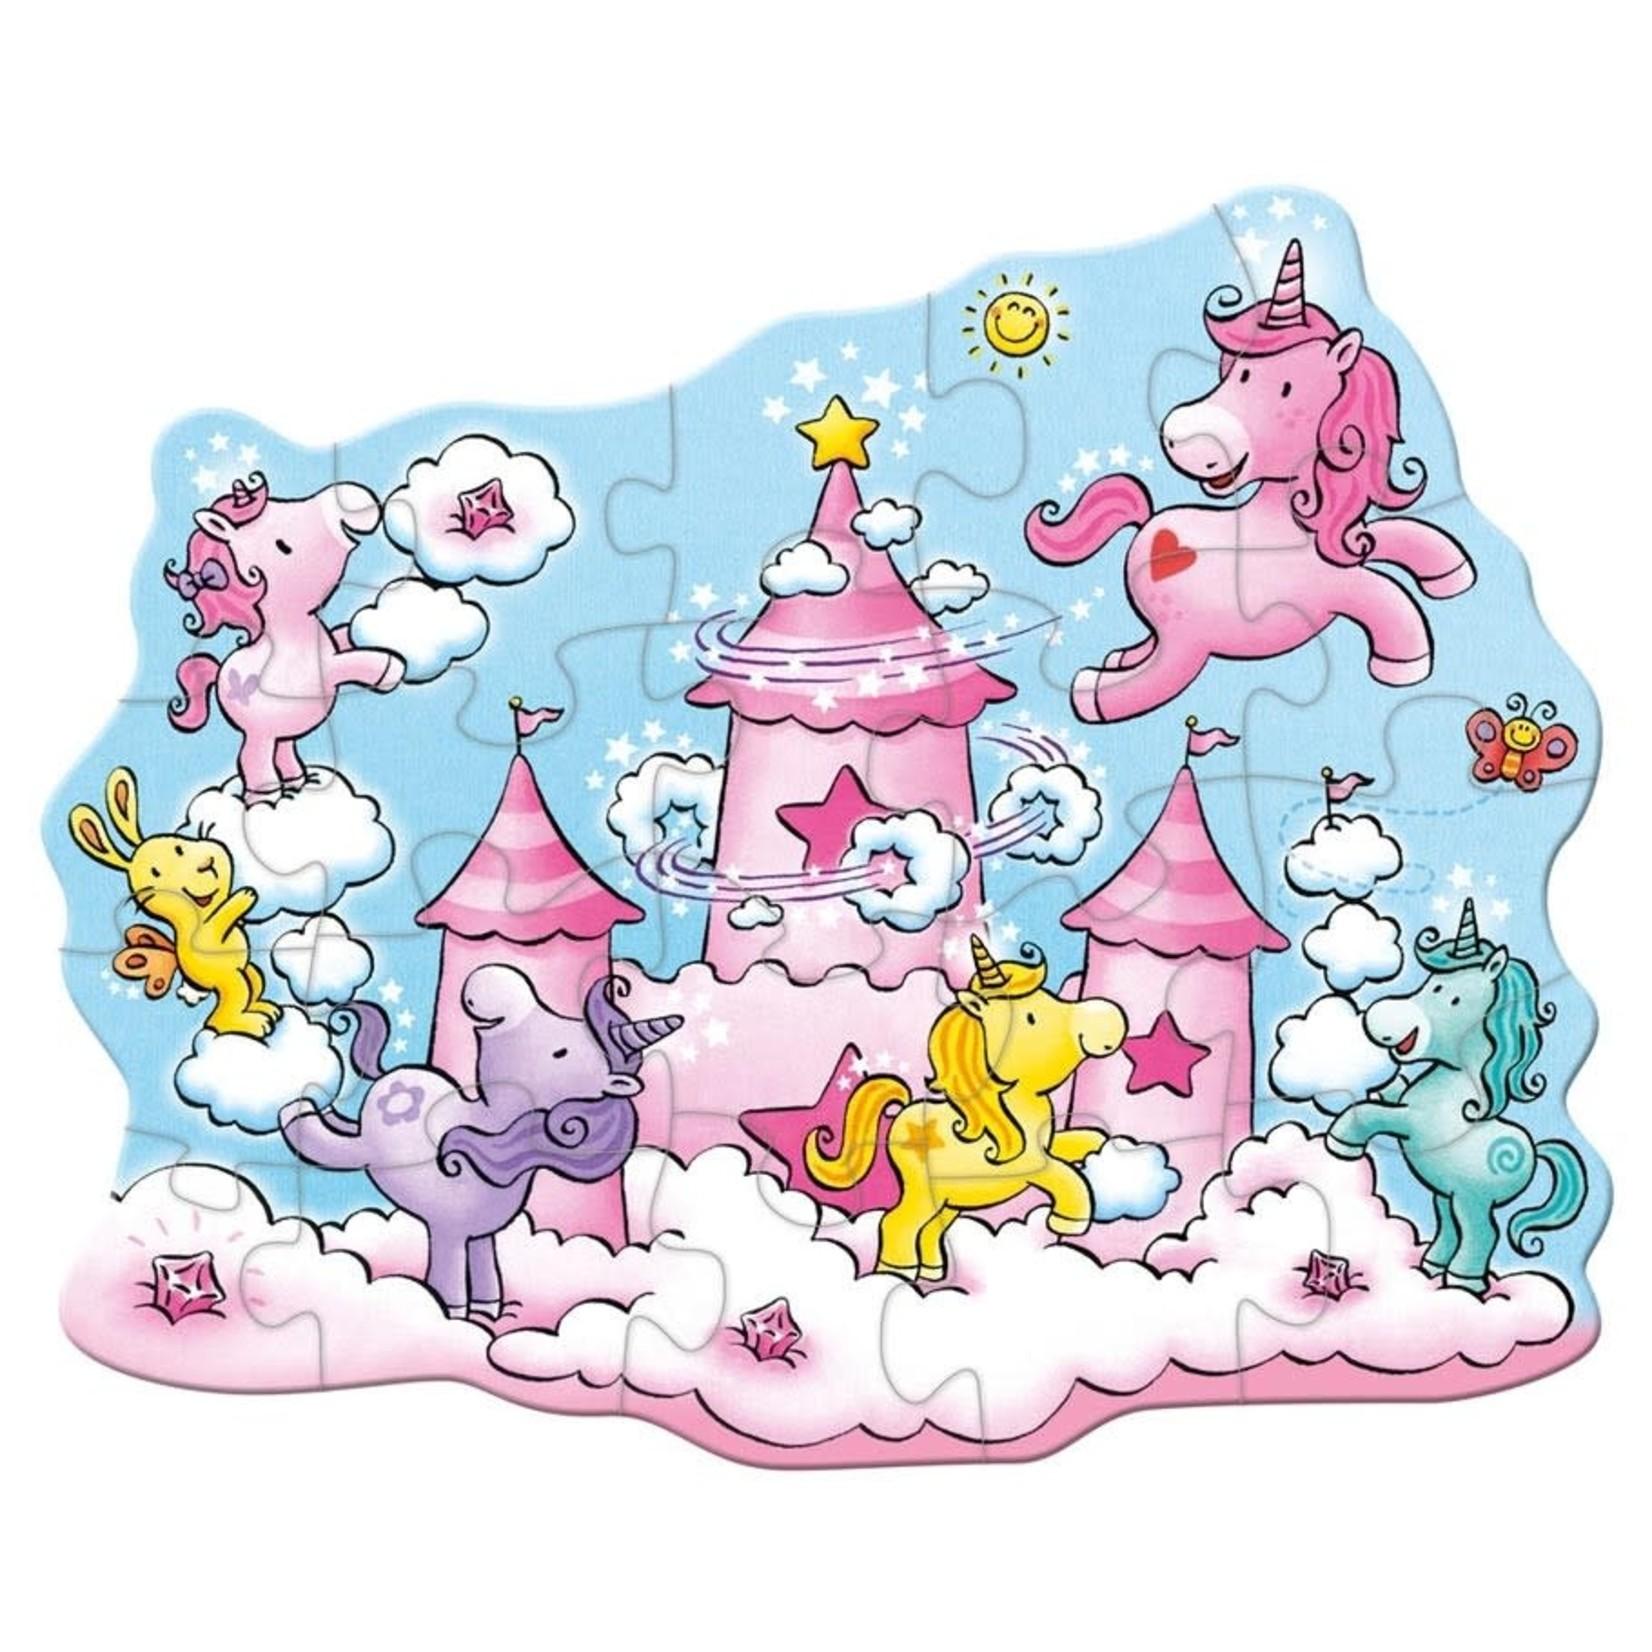 Haba Puzzle: Unicorn Glitterluck in the Clouds